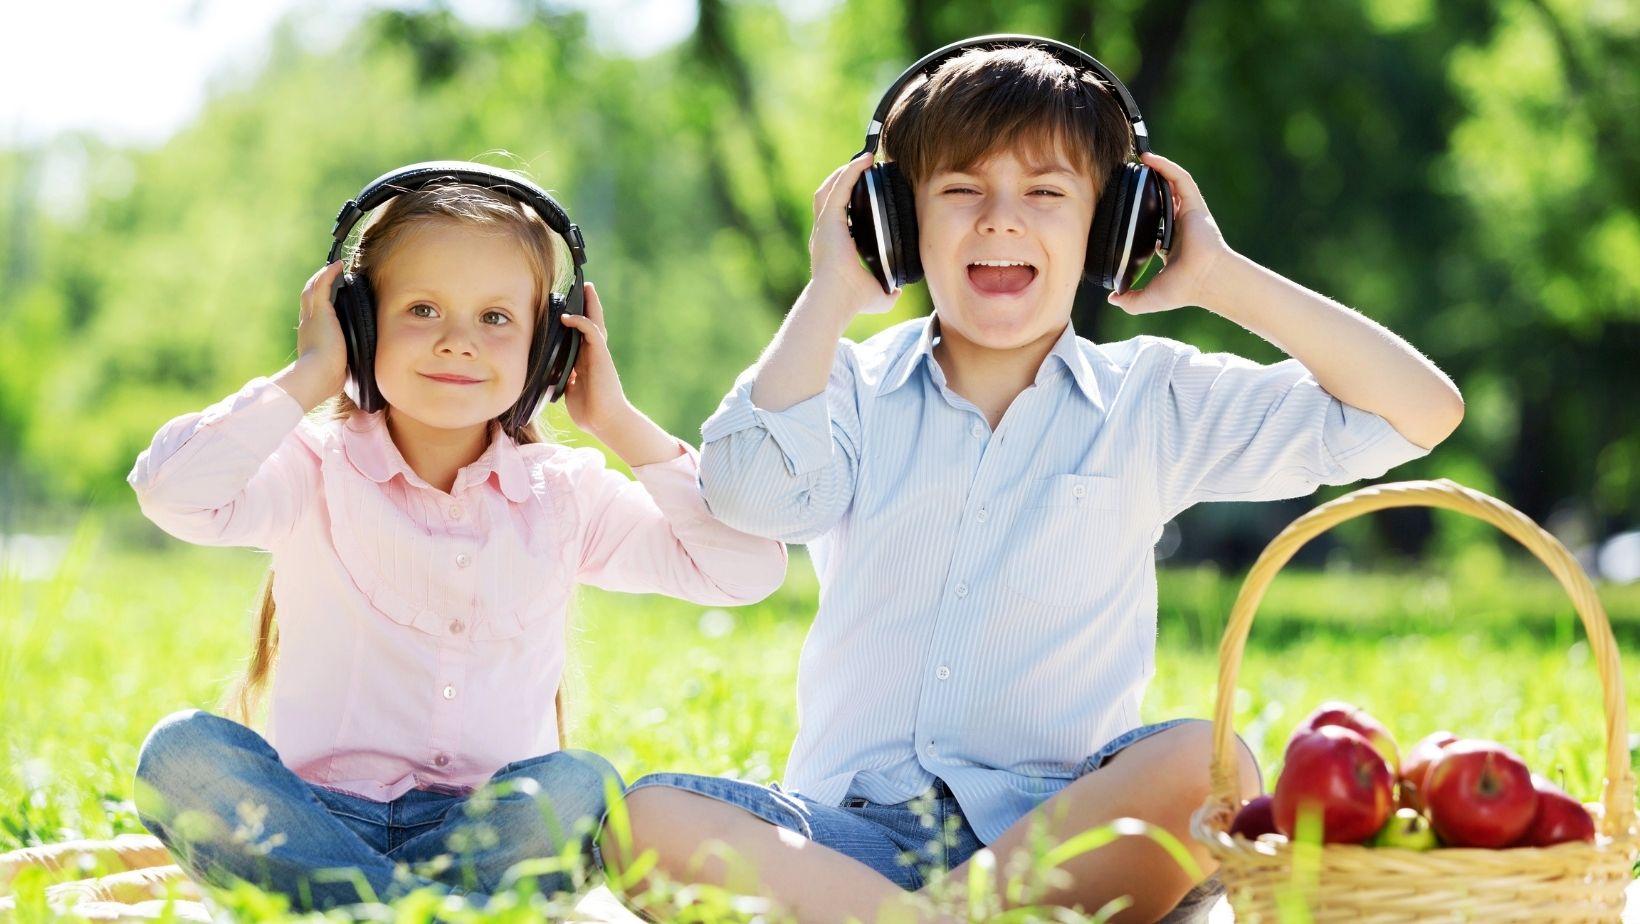 müzik dinleyen çocuklar